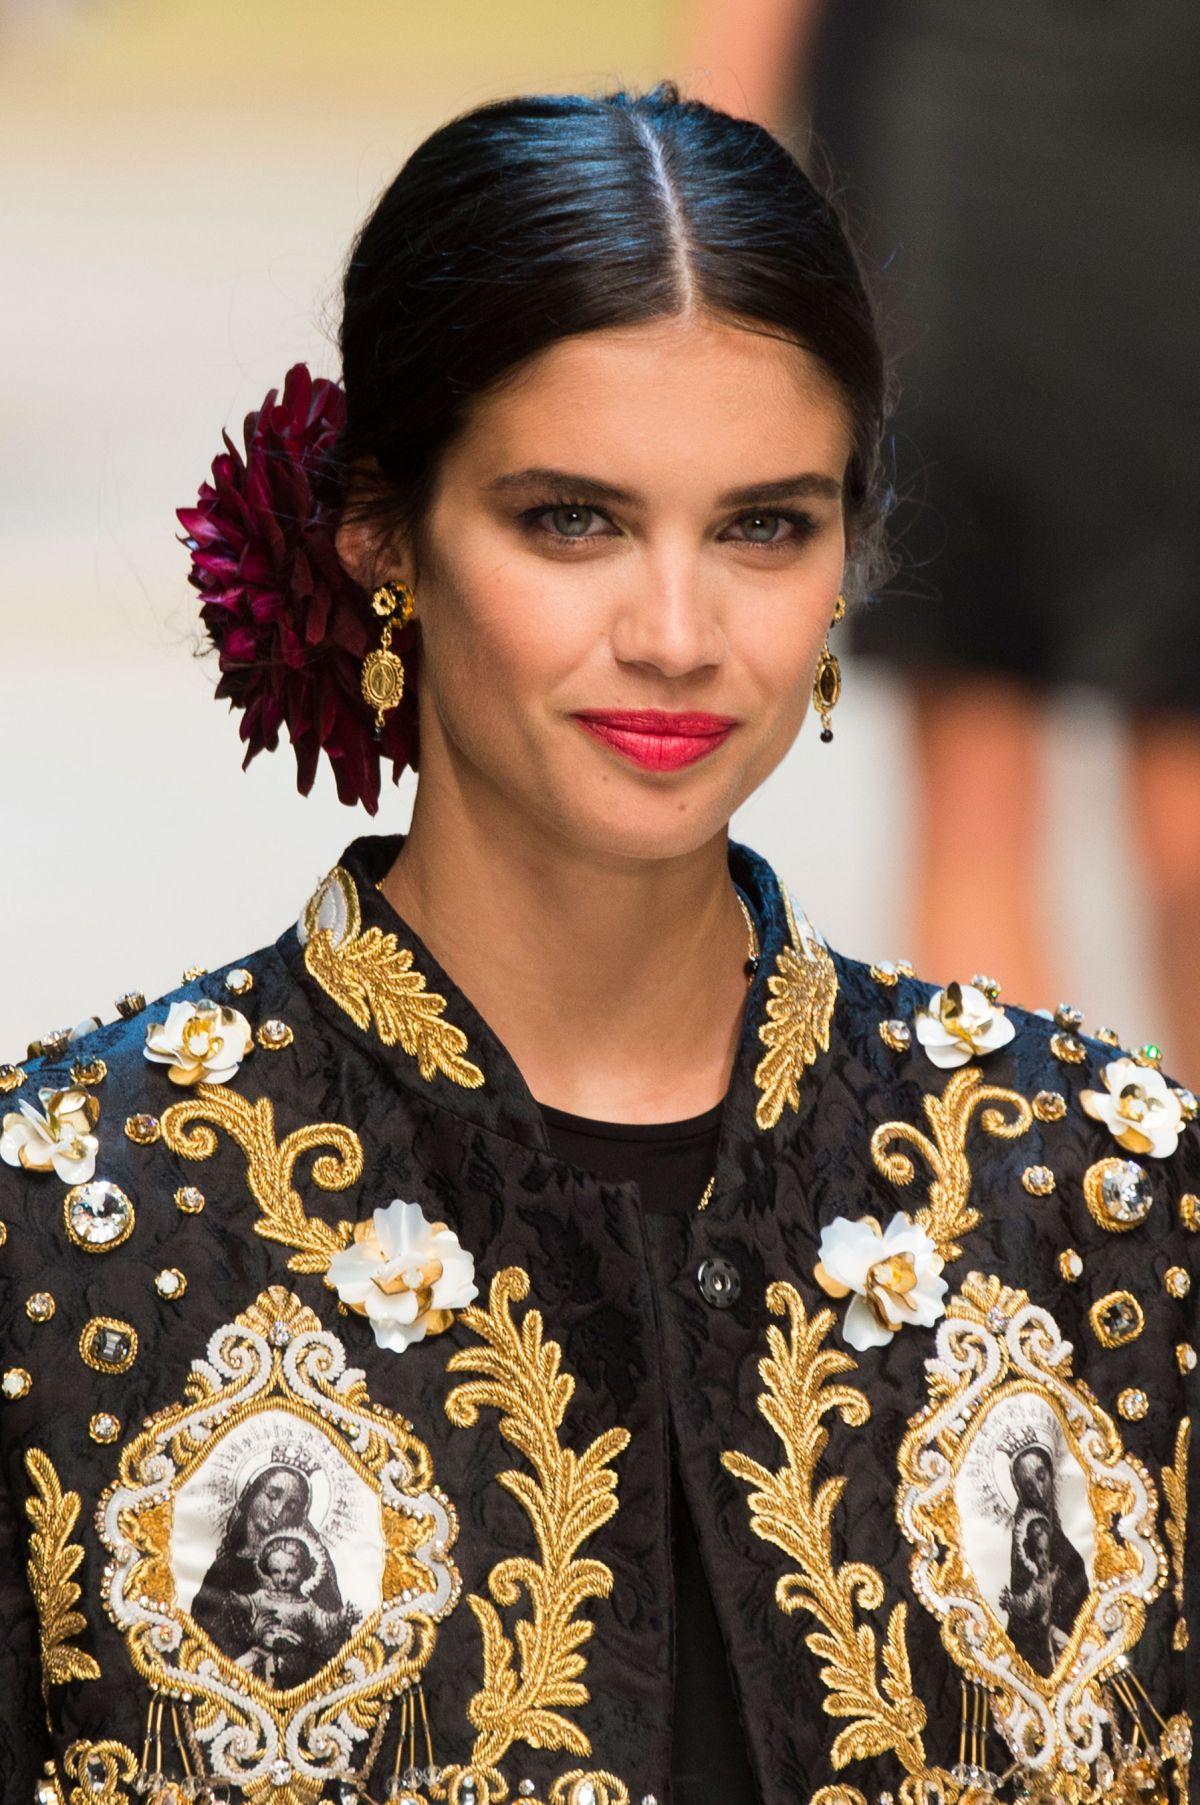 SARA SAMPAIO On The Runway At Dolce U0026 Gabbana Fashion Show